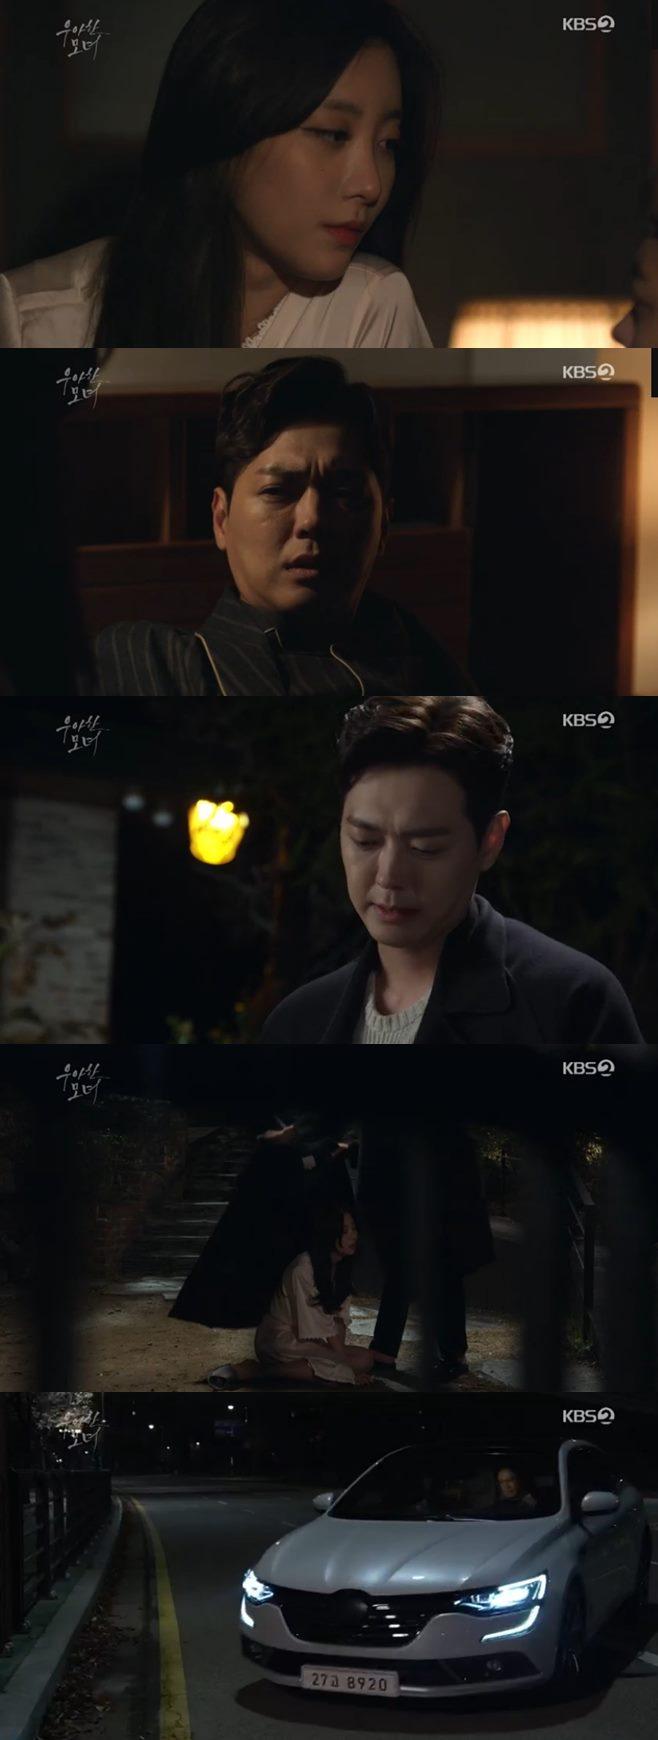 우아한 모녀 최명길 차예련 김흥수 김명수 지수원 이훈 조경숙 오채이 이해우 26회 인물관계도